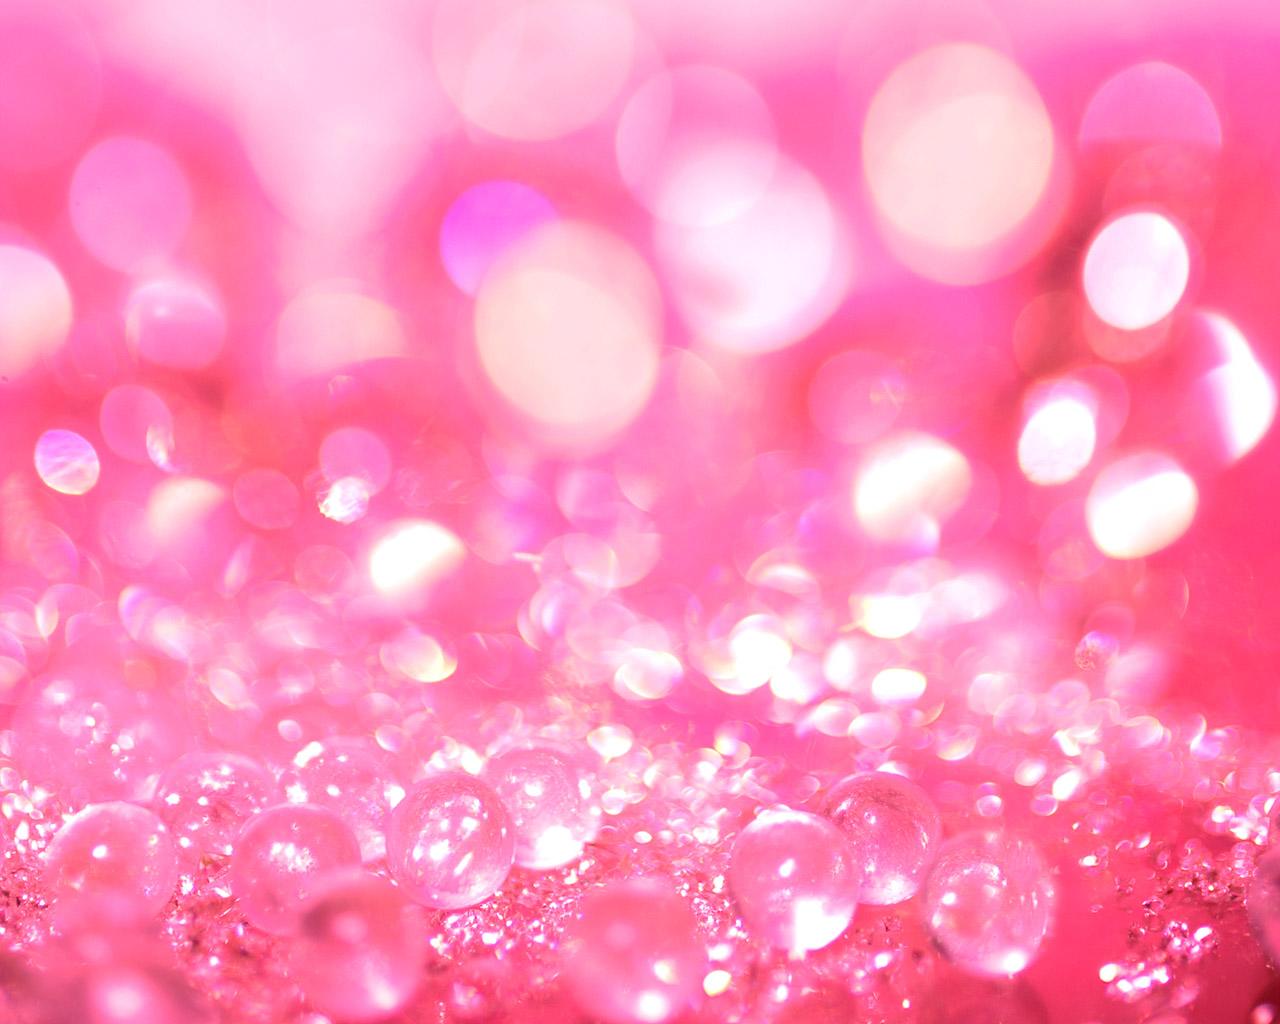 Pink Wallpaper   Colors Wallpaper 34511782 fanclubs 1280x1024